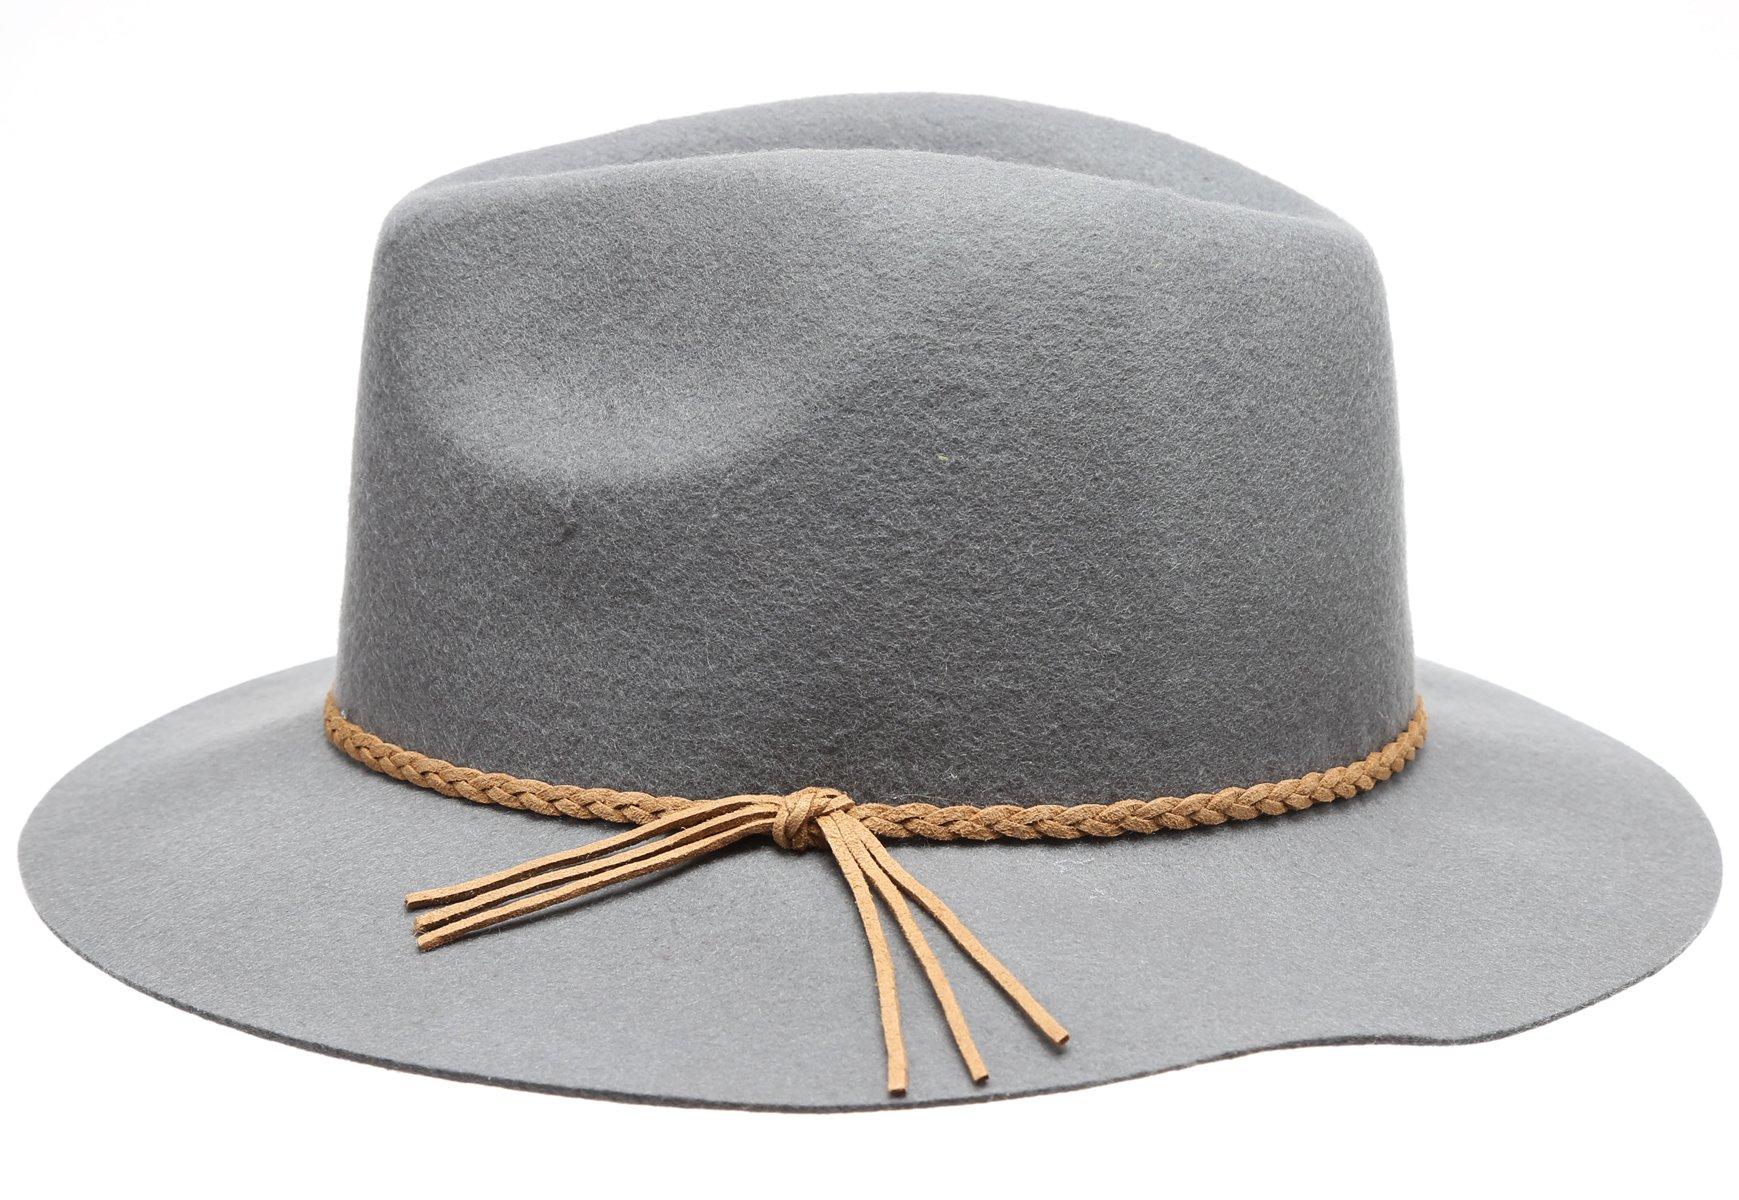 c53a26c91da D Y Women s 100% Wool Felt Cloche Short Brim Floppy Fedora Hat with  Scrunchy   Fedoras   Clothing